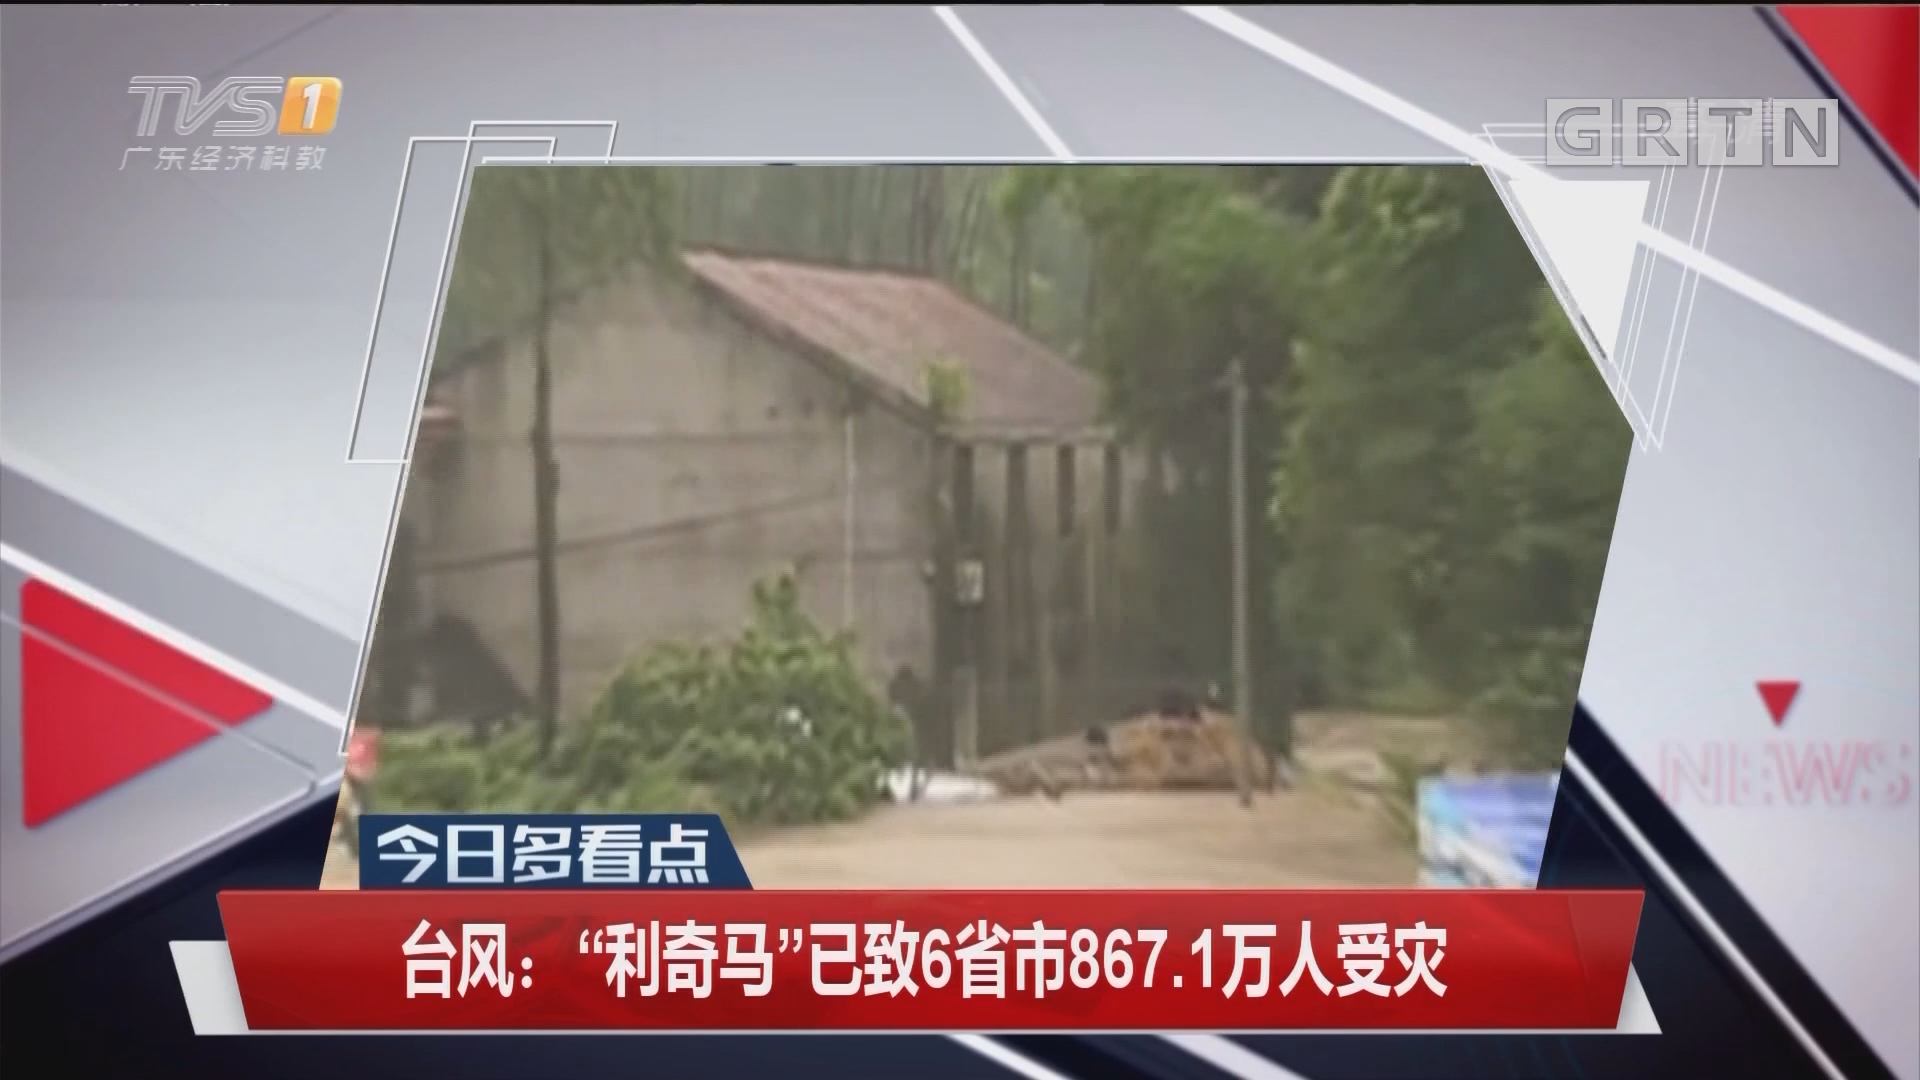 """台风:""""利奇马""""已致6省市867.1万人受灾"""